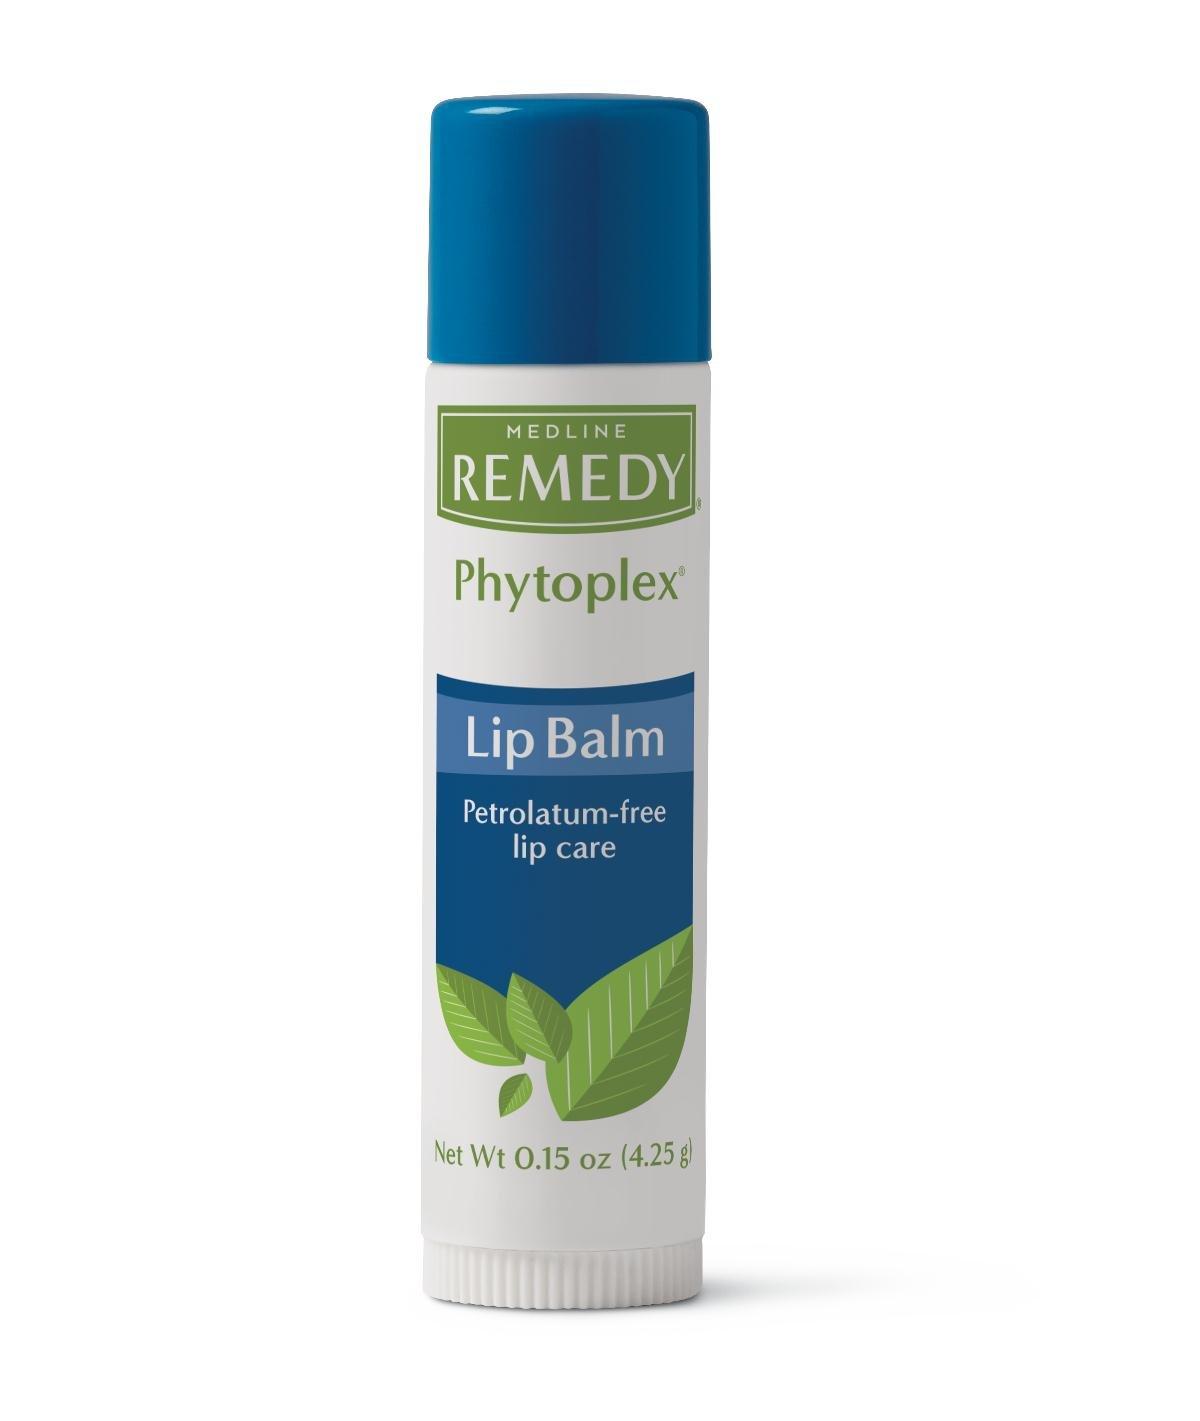 Medline MSC092915 Remedy Phytoplex Lip Balm, 0.15 oz (Pack of 36)